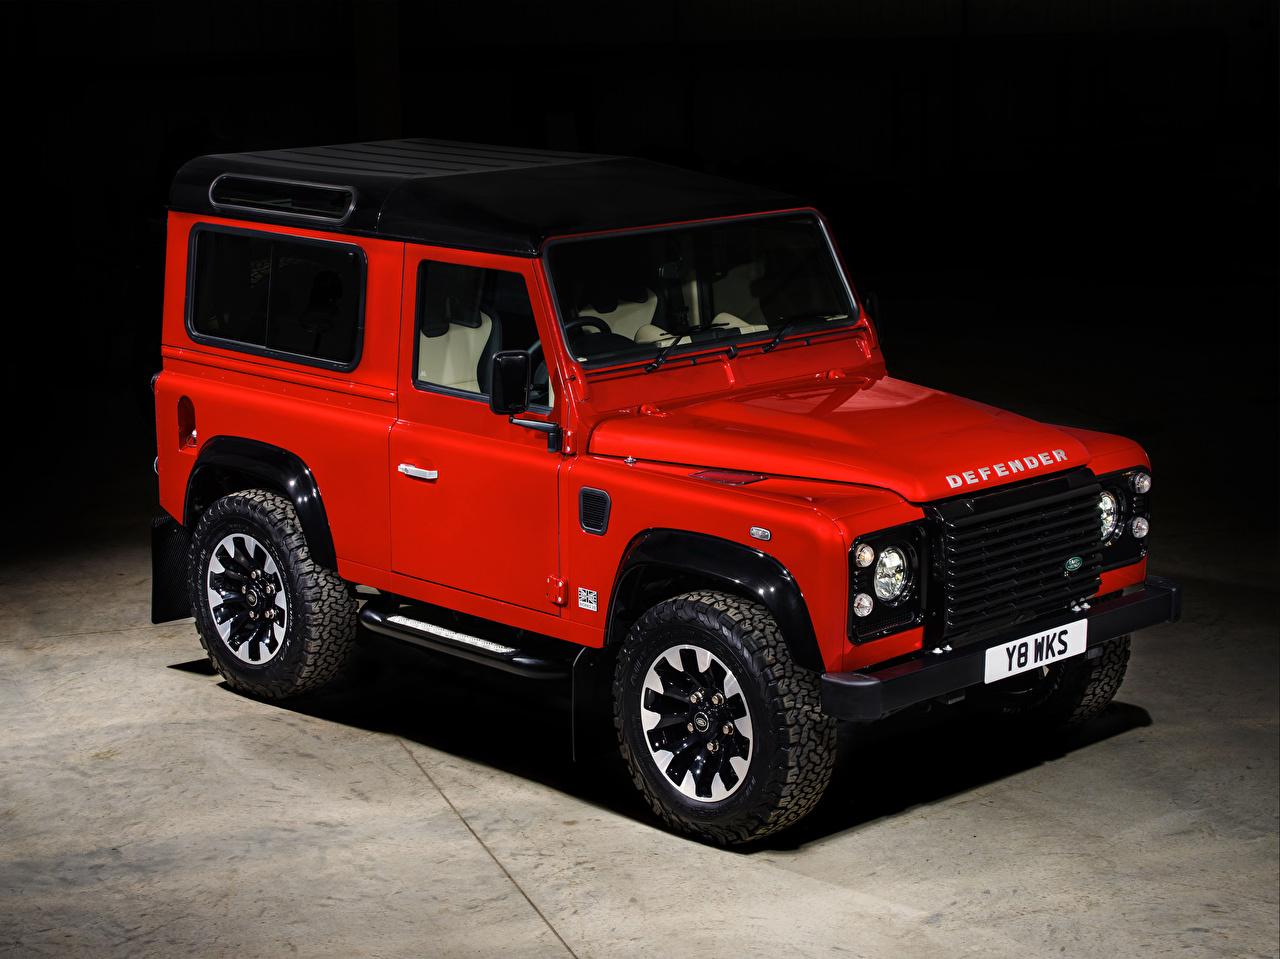 Фото Range Rover Внедорожник 2018 Defender 90 Works V8 красная Автомобили Land Rover SUV Красный красные красных авто машины машина автомобиль